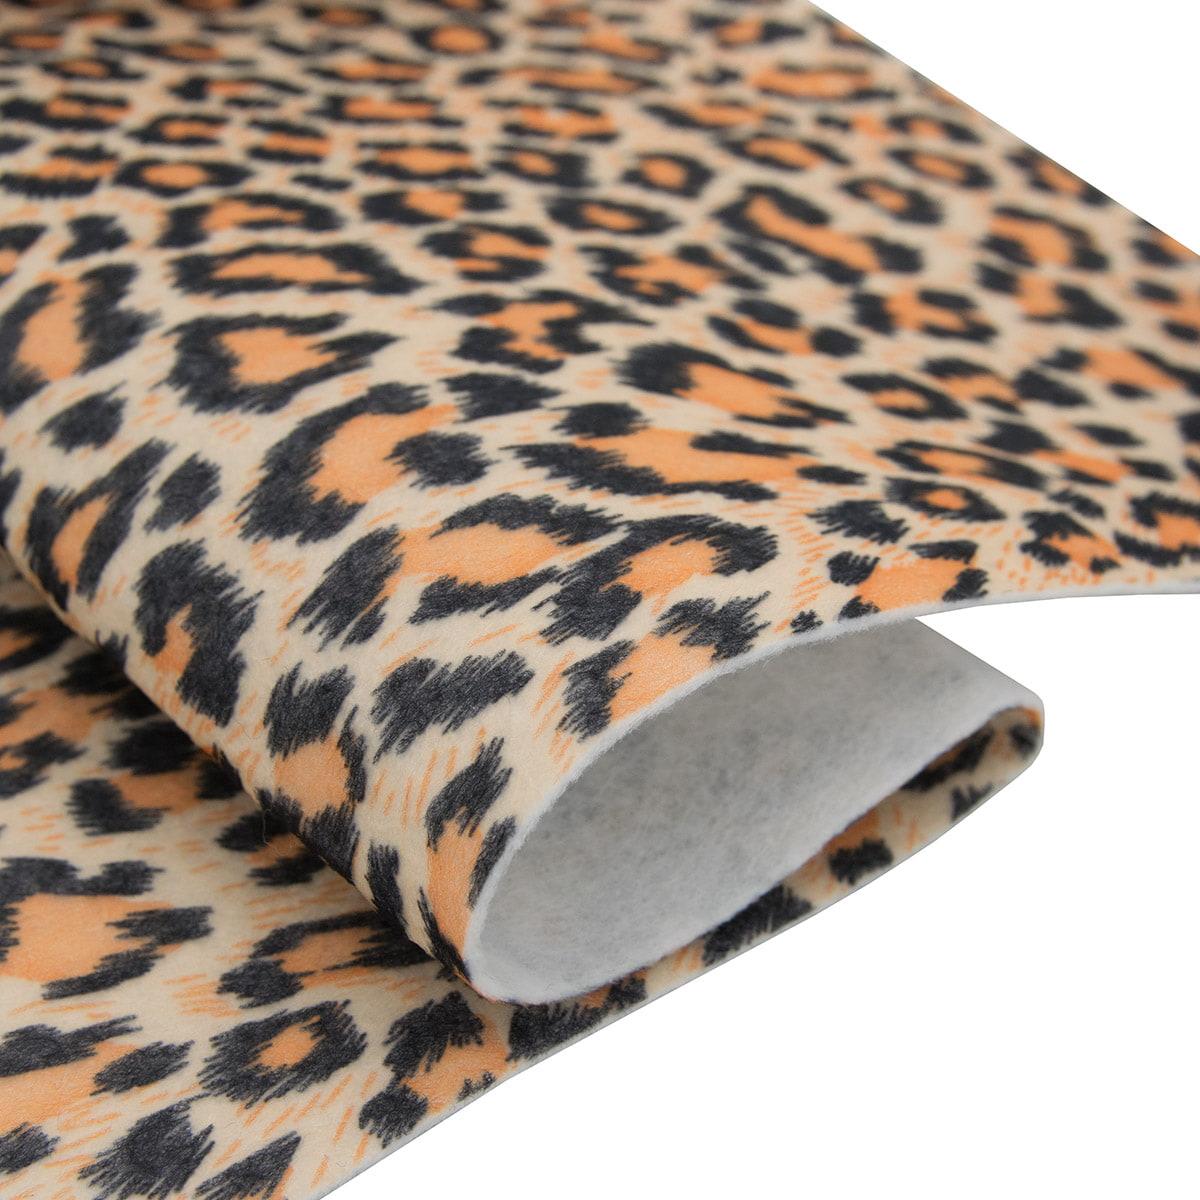 Фетр листовой декоративный 'Леопард' Астра, 1,0мм, 180 гр, 20*30 см, 5 шт/упак